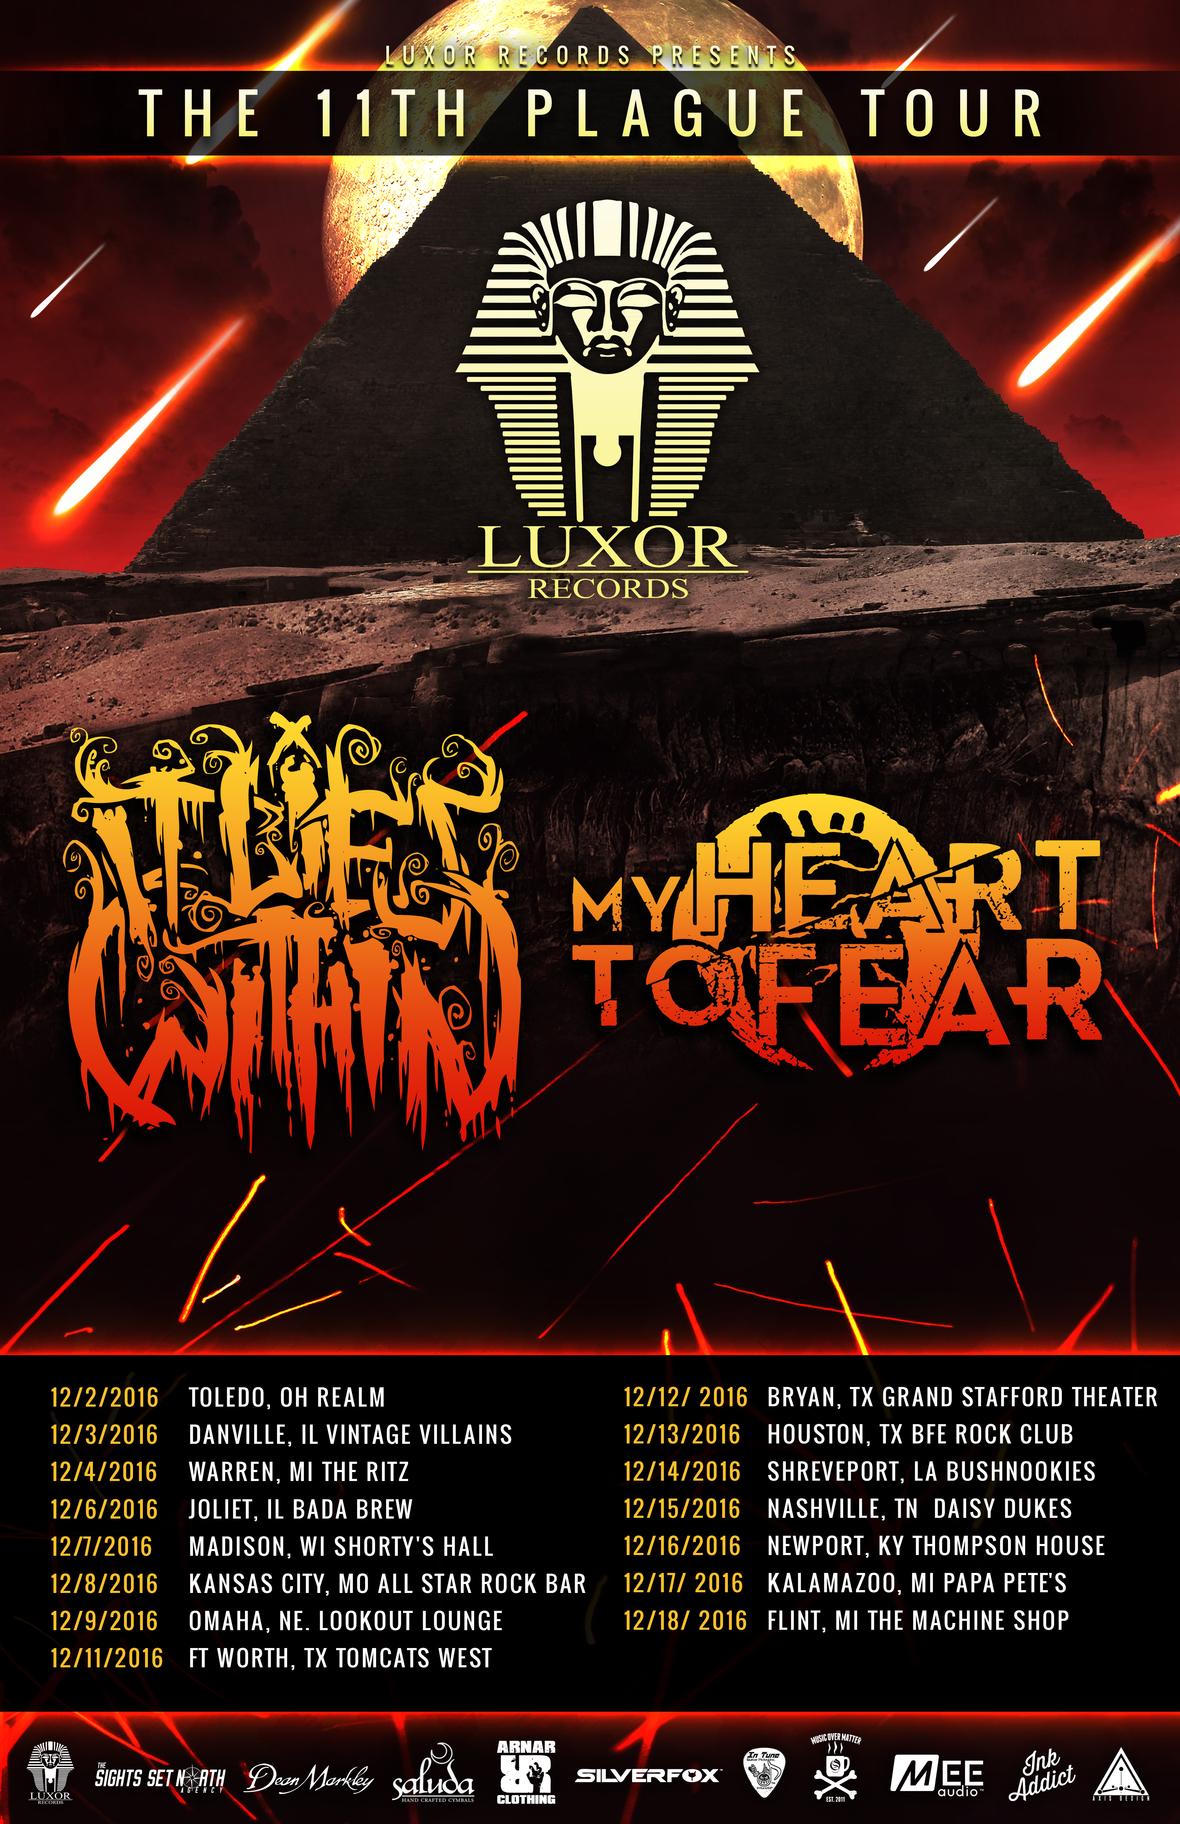 The 11th Plague Tour - Dates